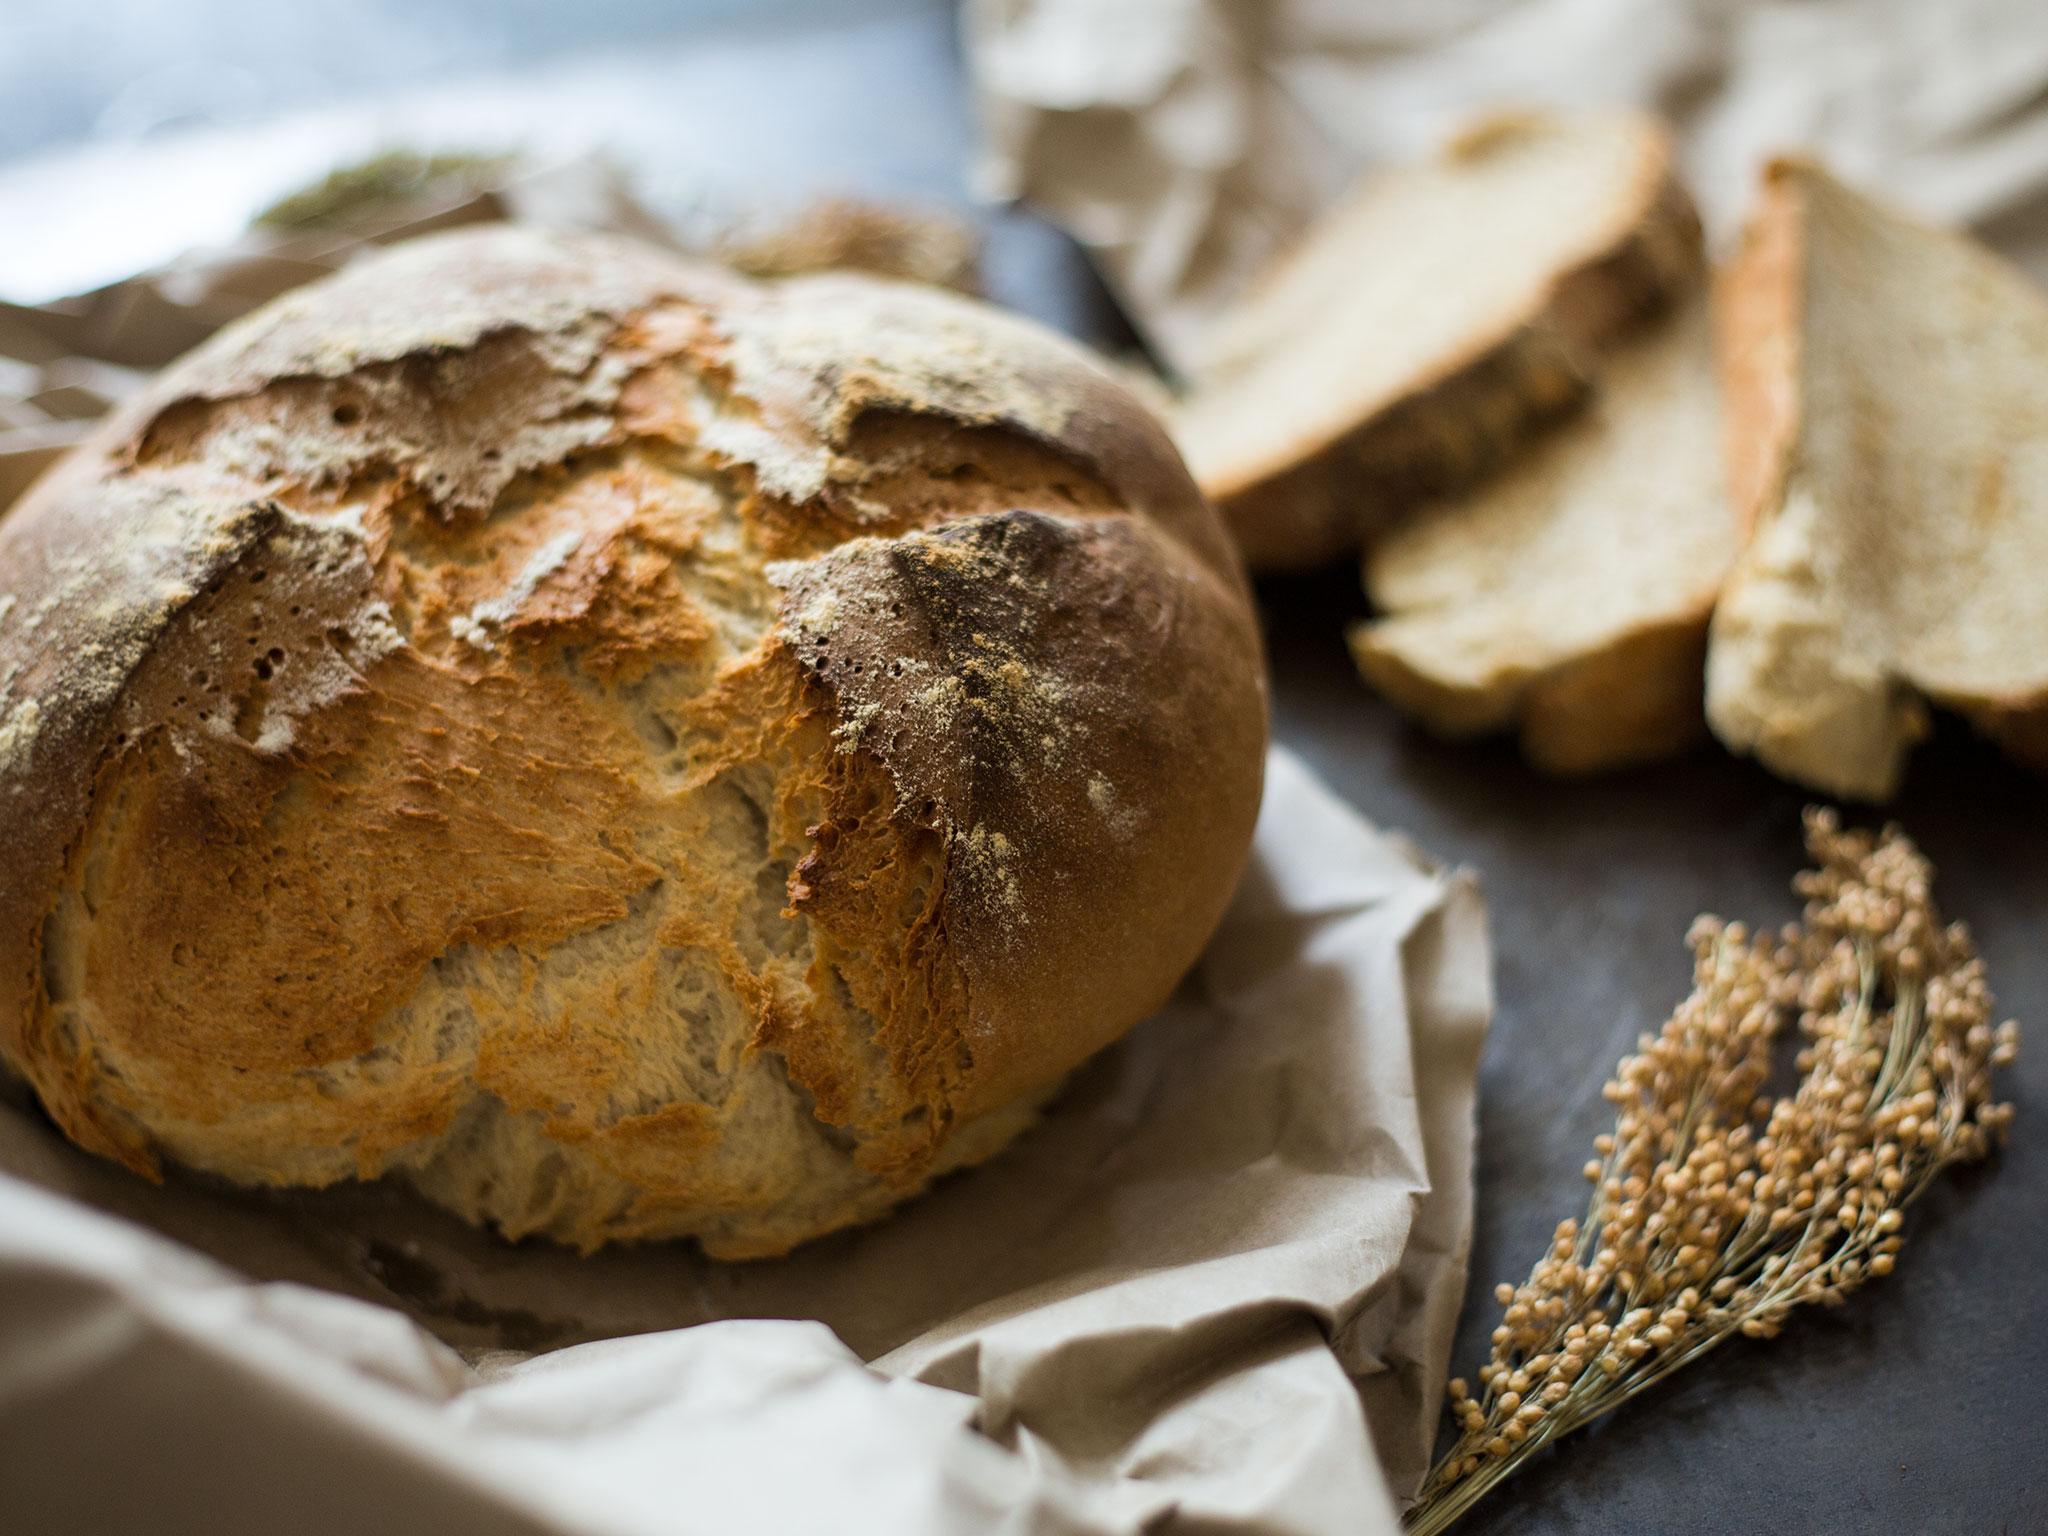 Afbeeldingsresultaat voor german bread